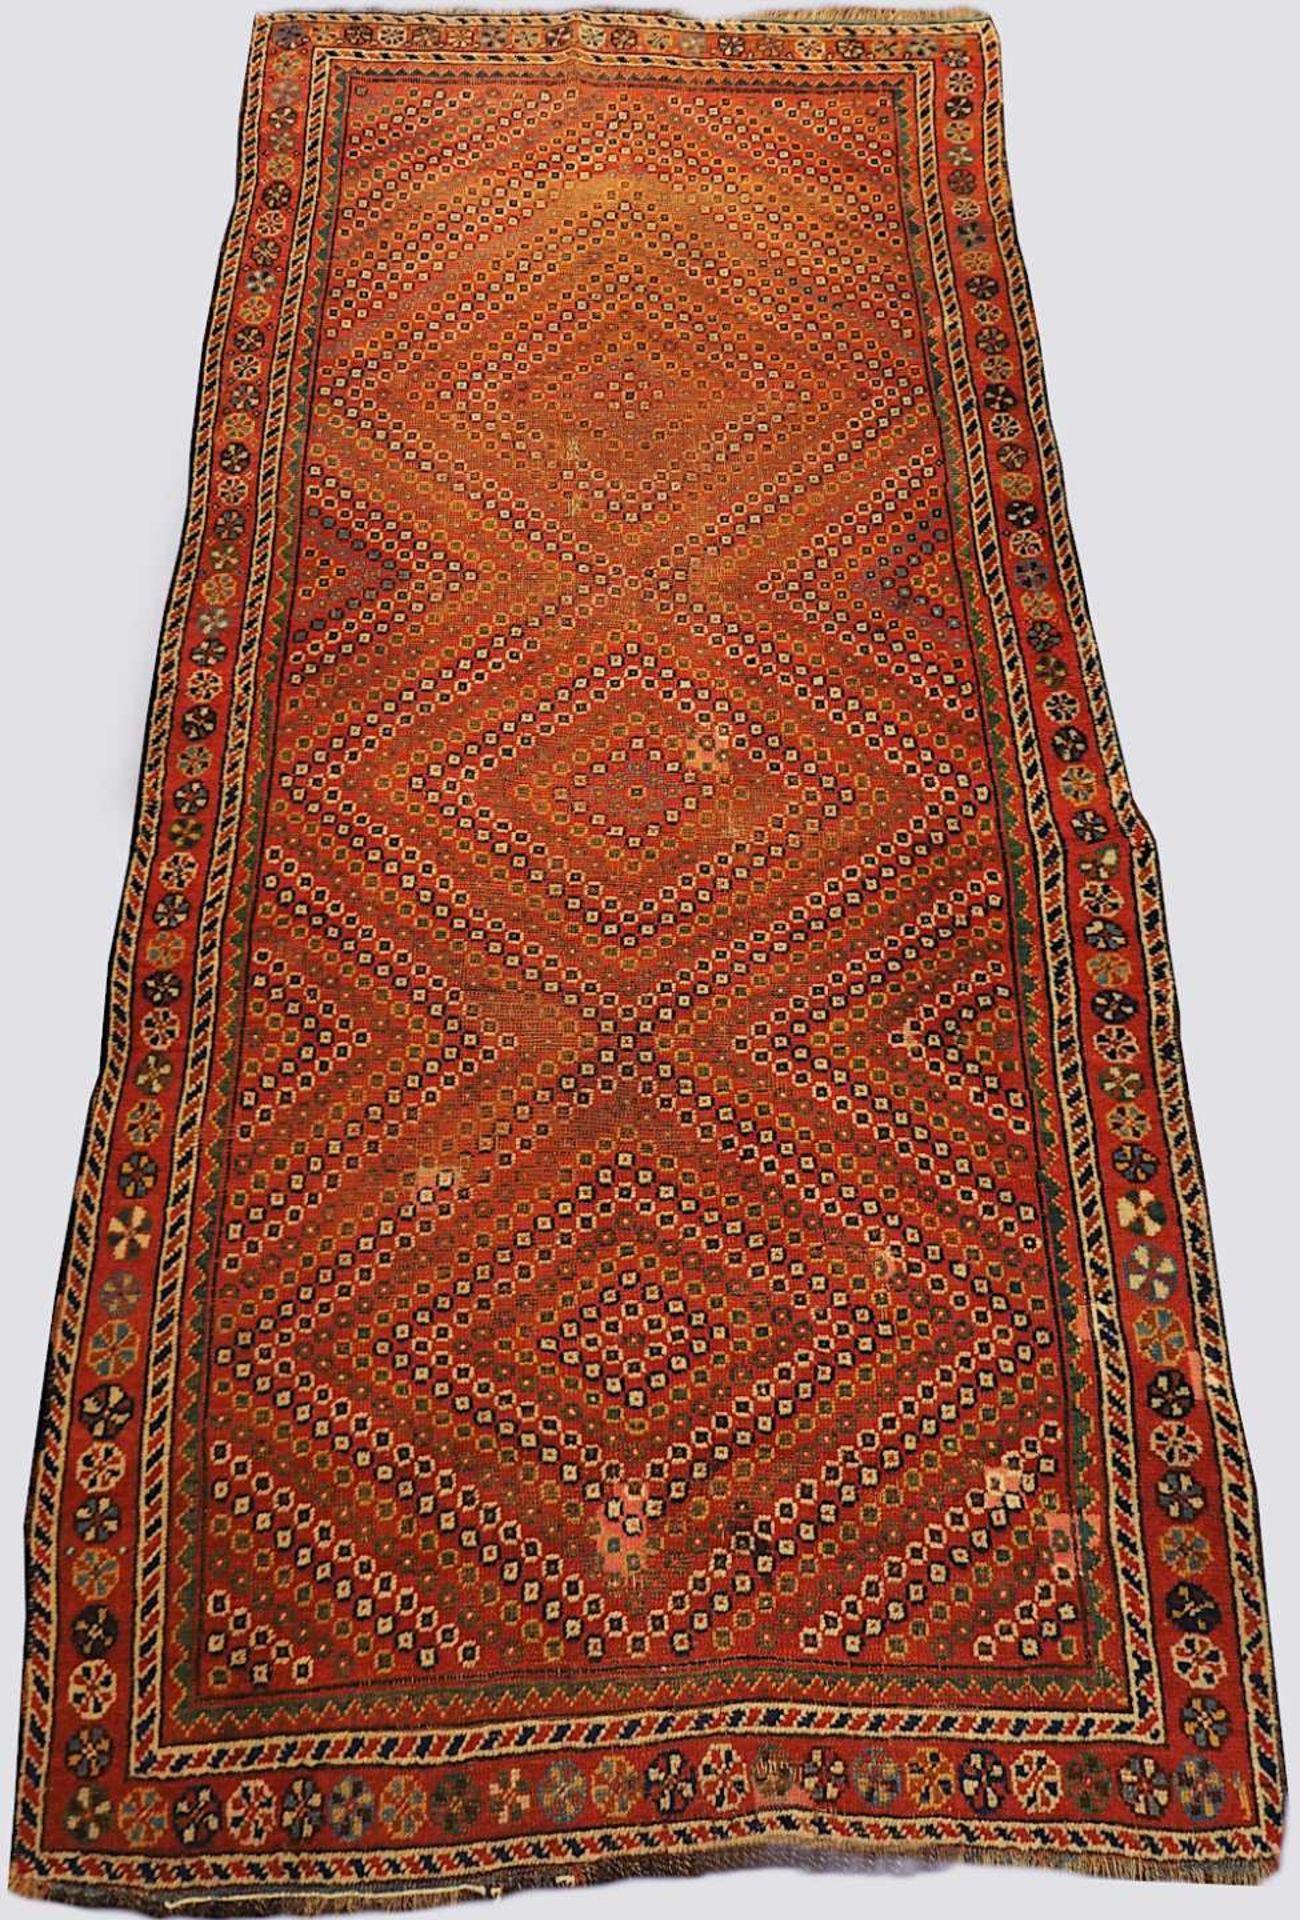 1 Orientteppich rotgrundig, Mittelfeld mit rautenförmigem geometrisch- floralem Dekor, 20. Jh.< - Bild 3 aus 3